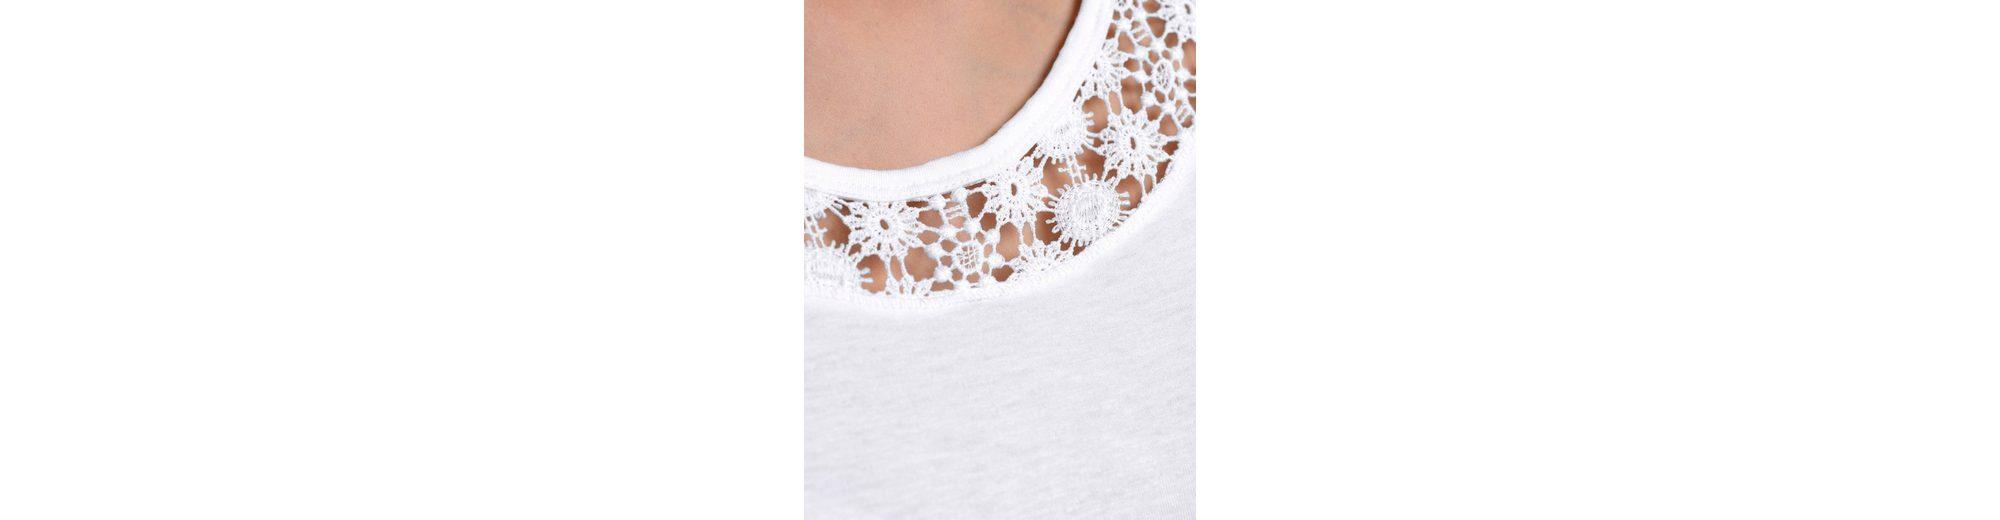 Alba Moda Shirt mit Spitzen-Einsatz Großhandelspreis Zu Verkaufen DTlIb8zA